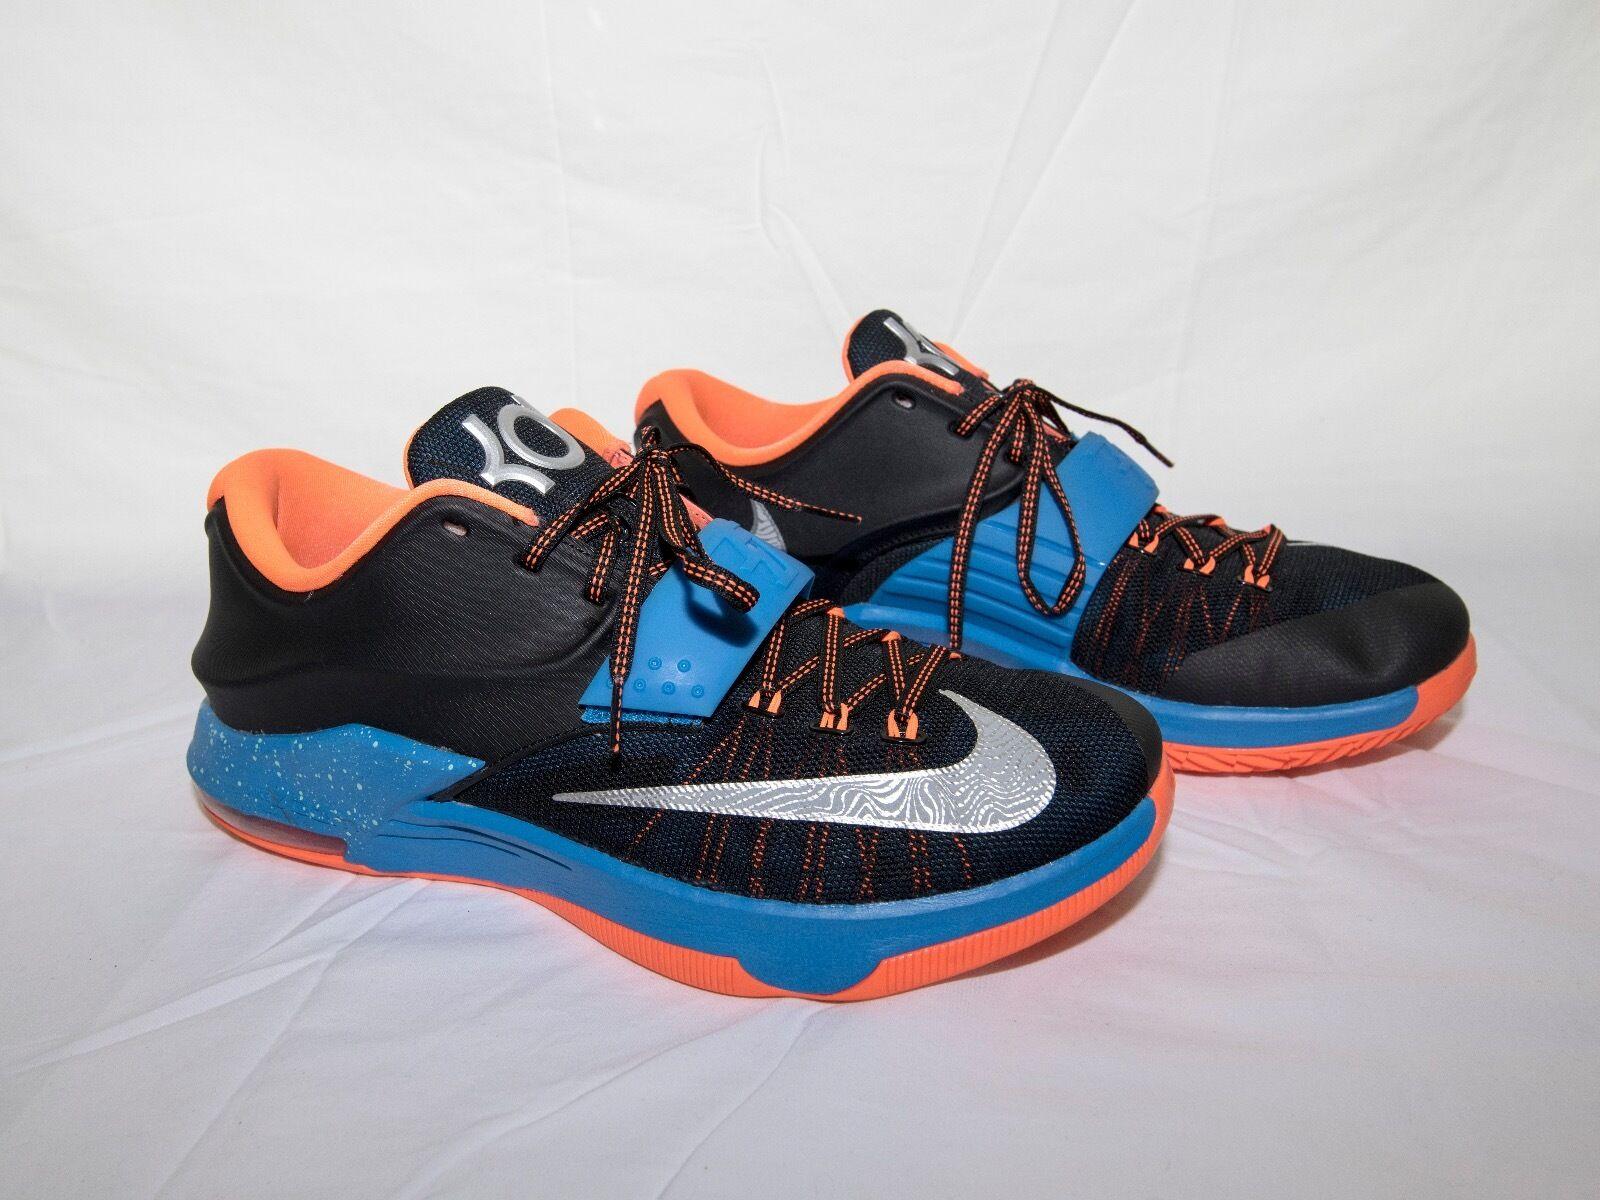 Nike kd vii 7 schwarz / blau - rote metallic - silber von der größe 12 653996-004